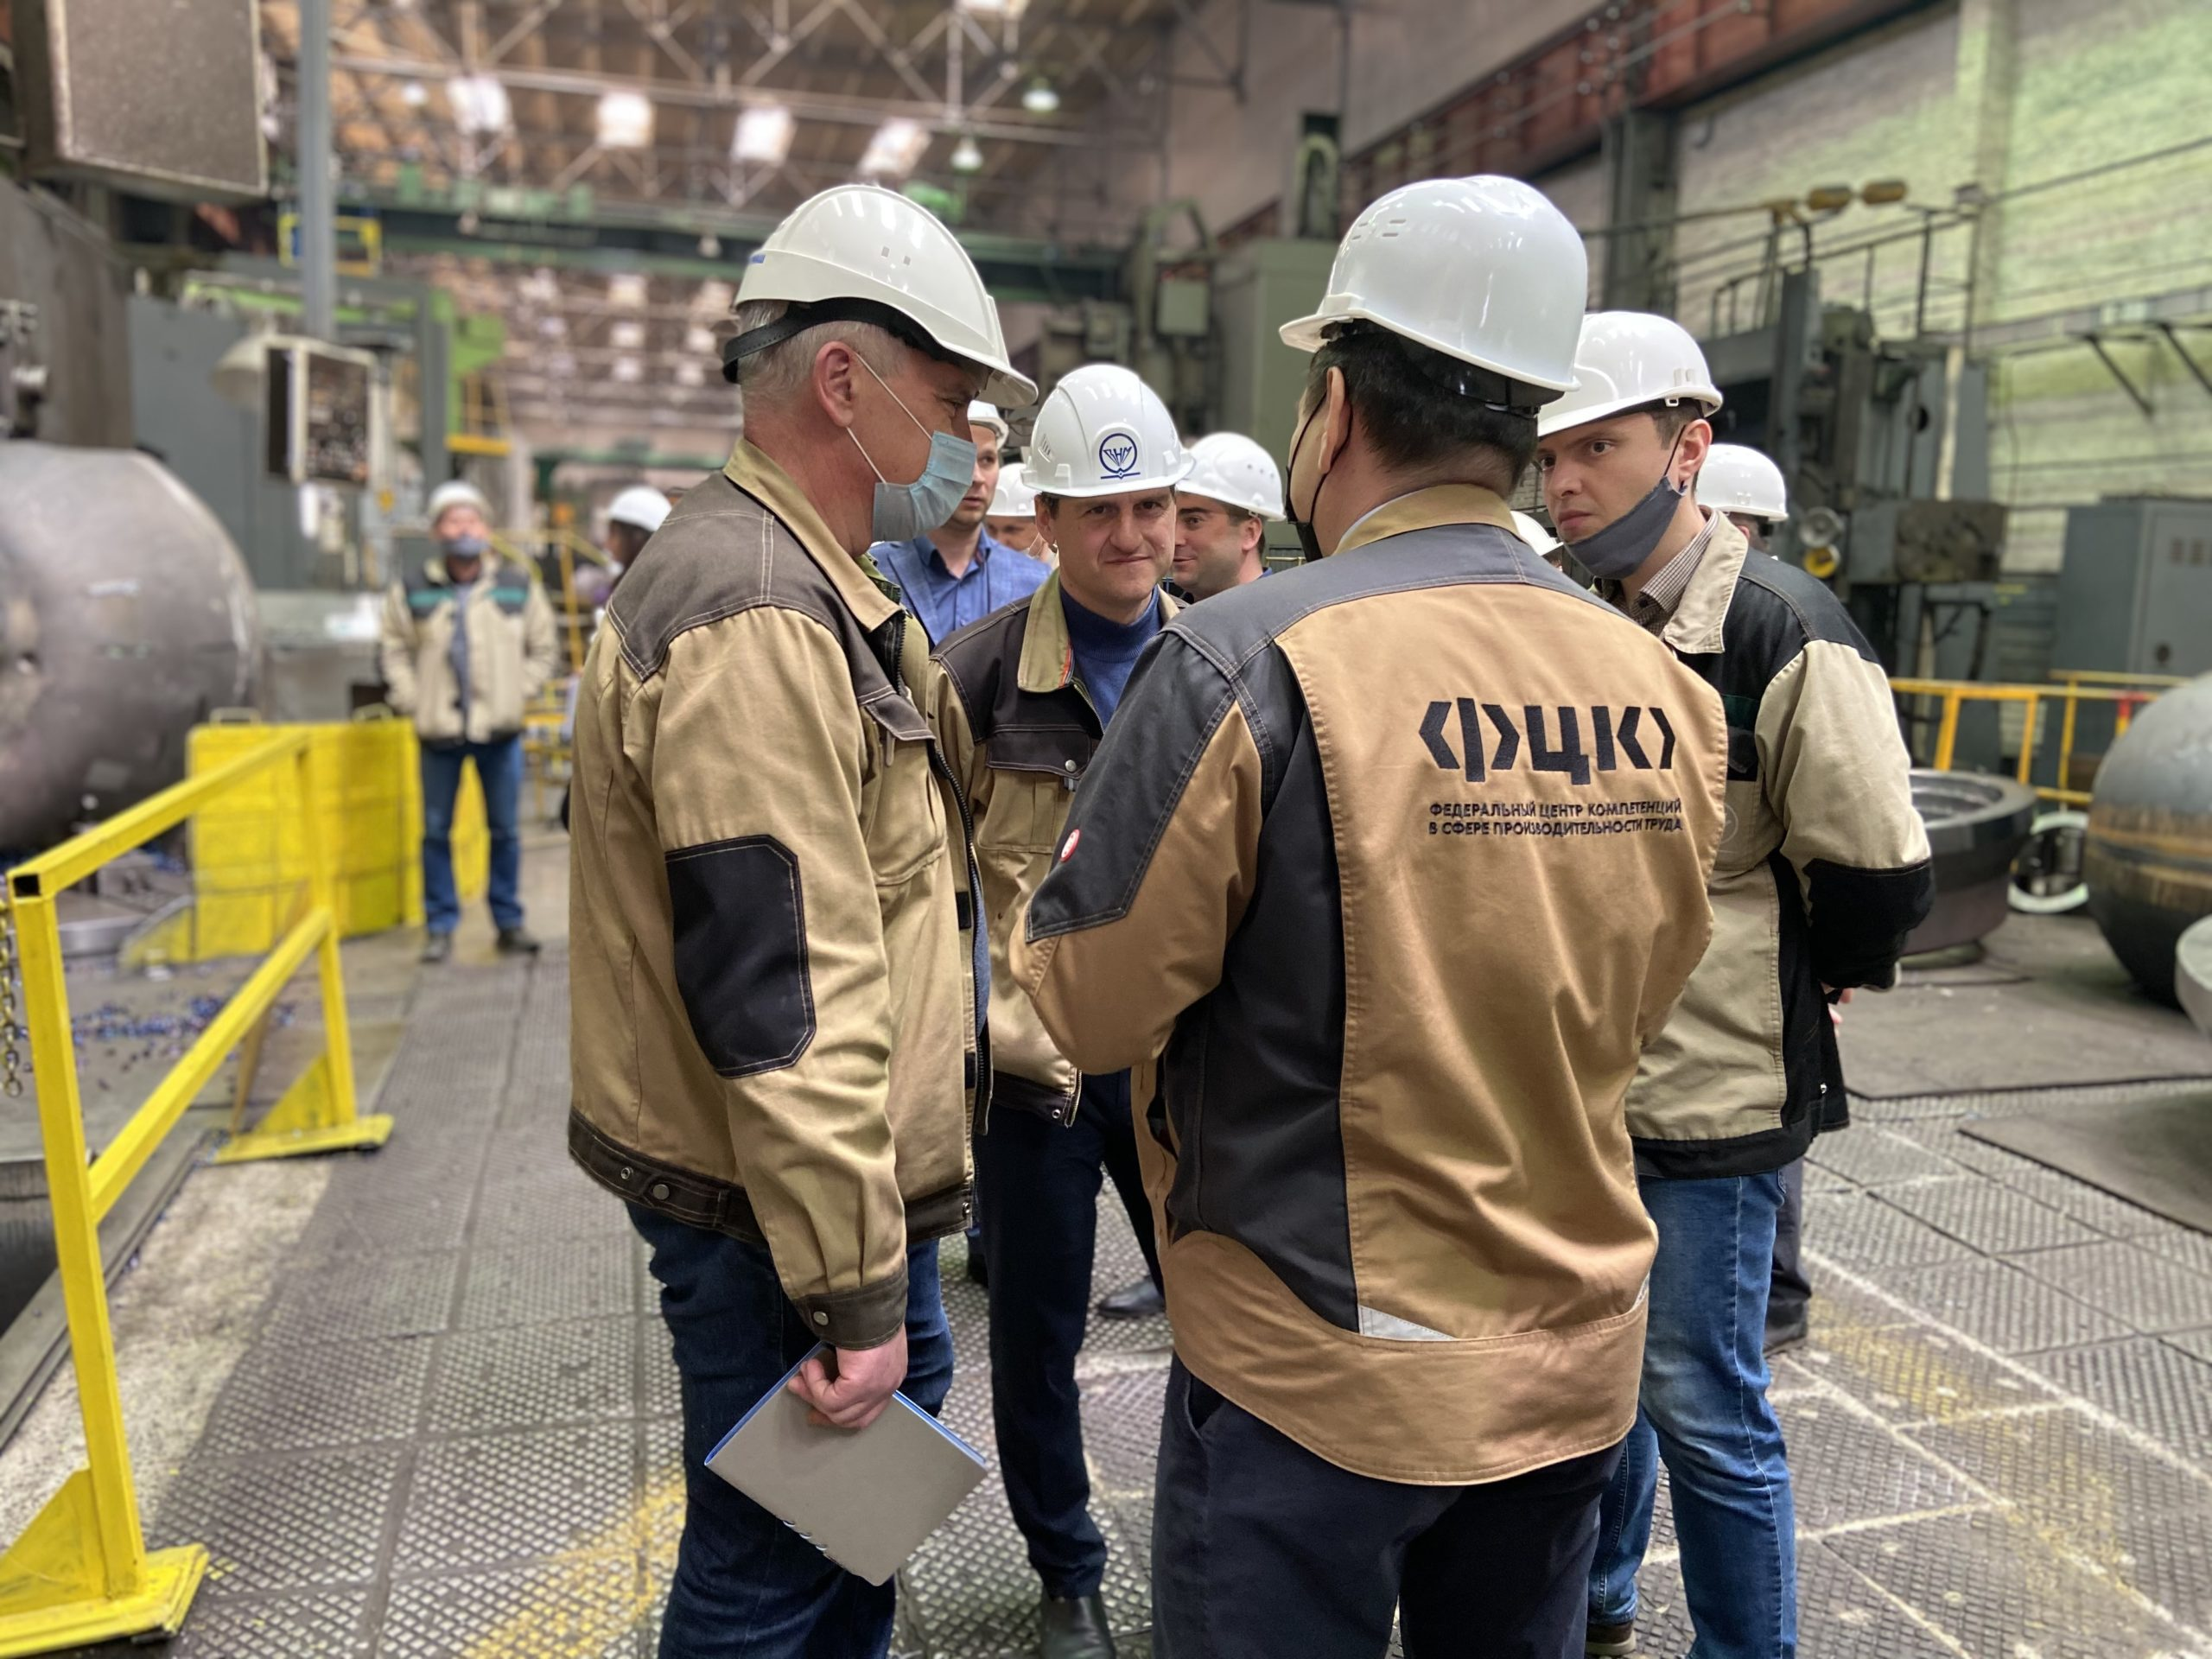 Волгоградское предприятие увеличит выпуск ключевых продуктов благодаря внедрению технологии бережливого производства